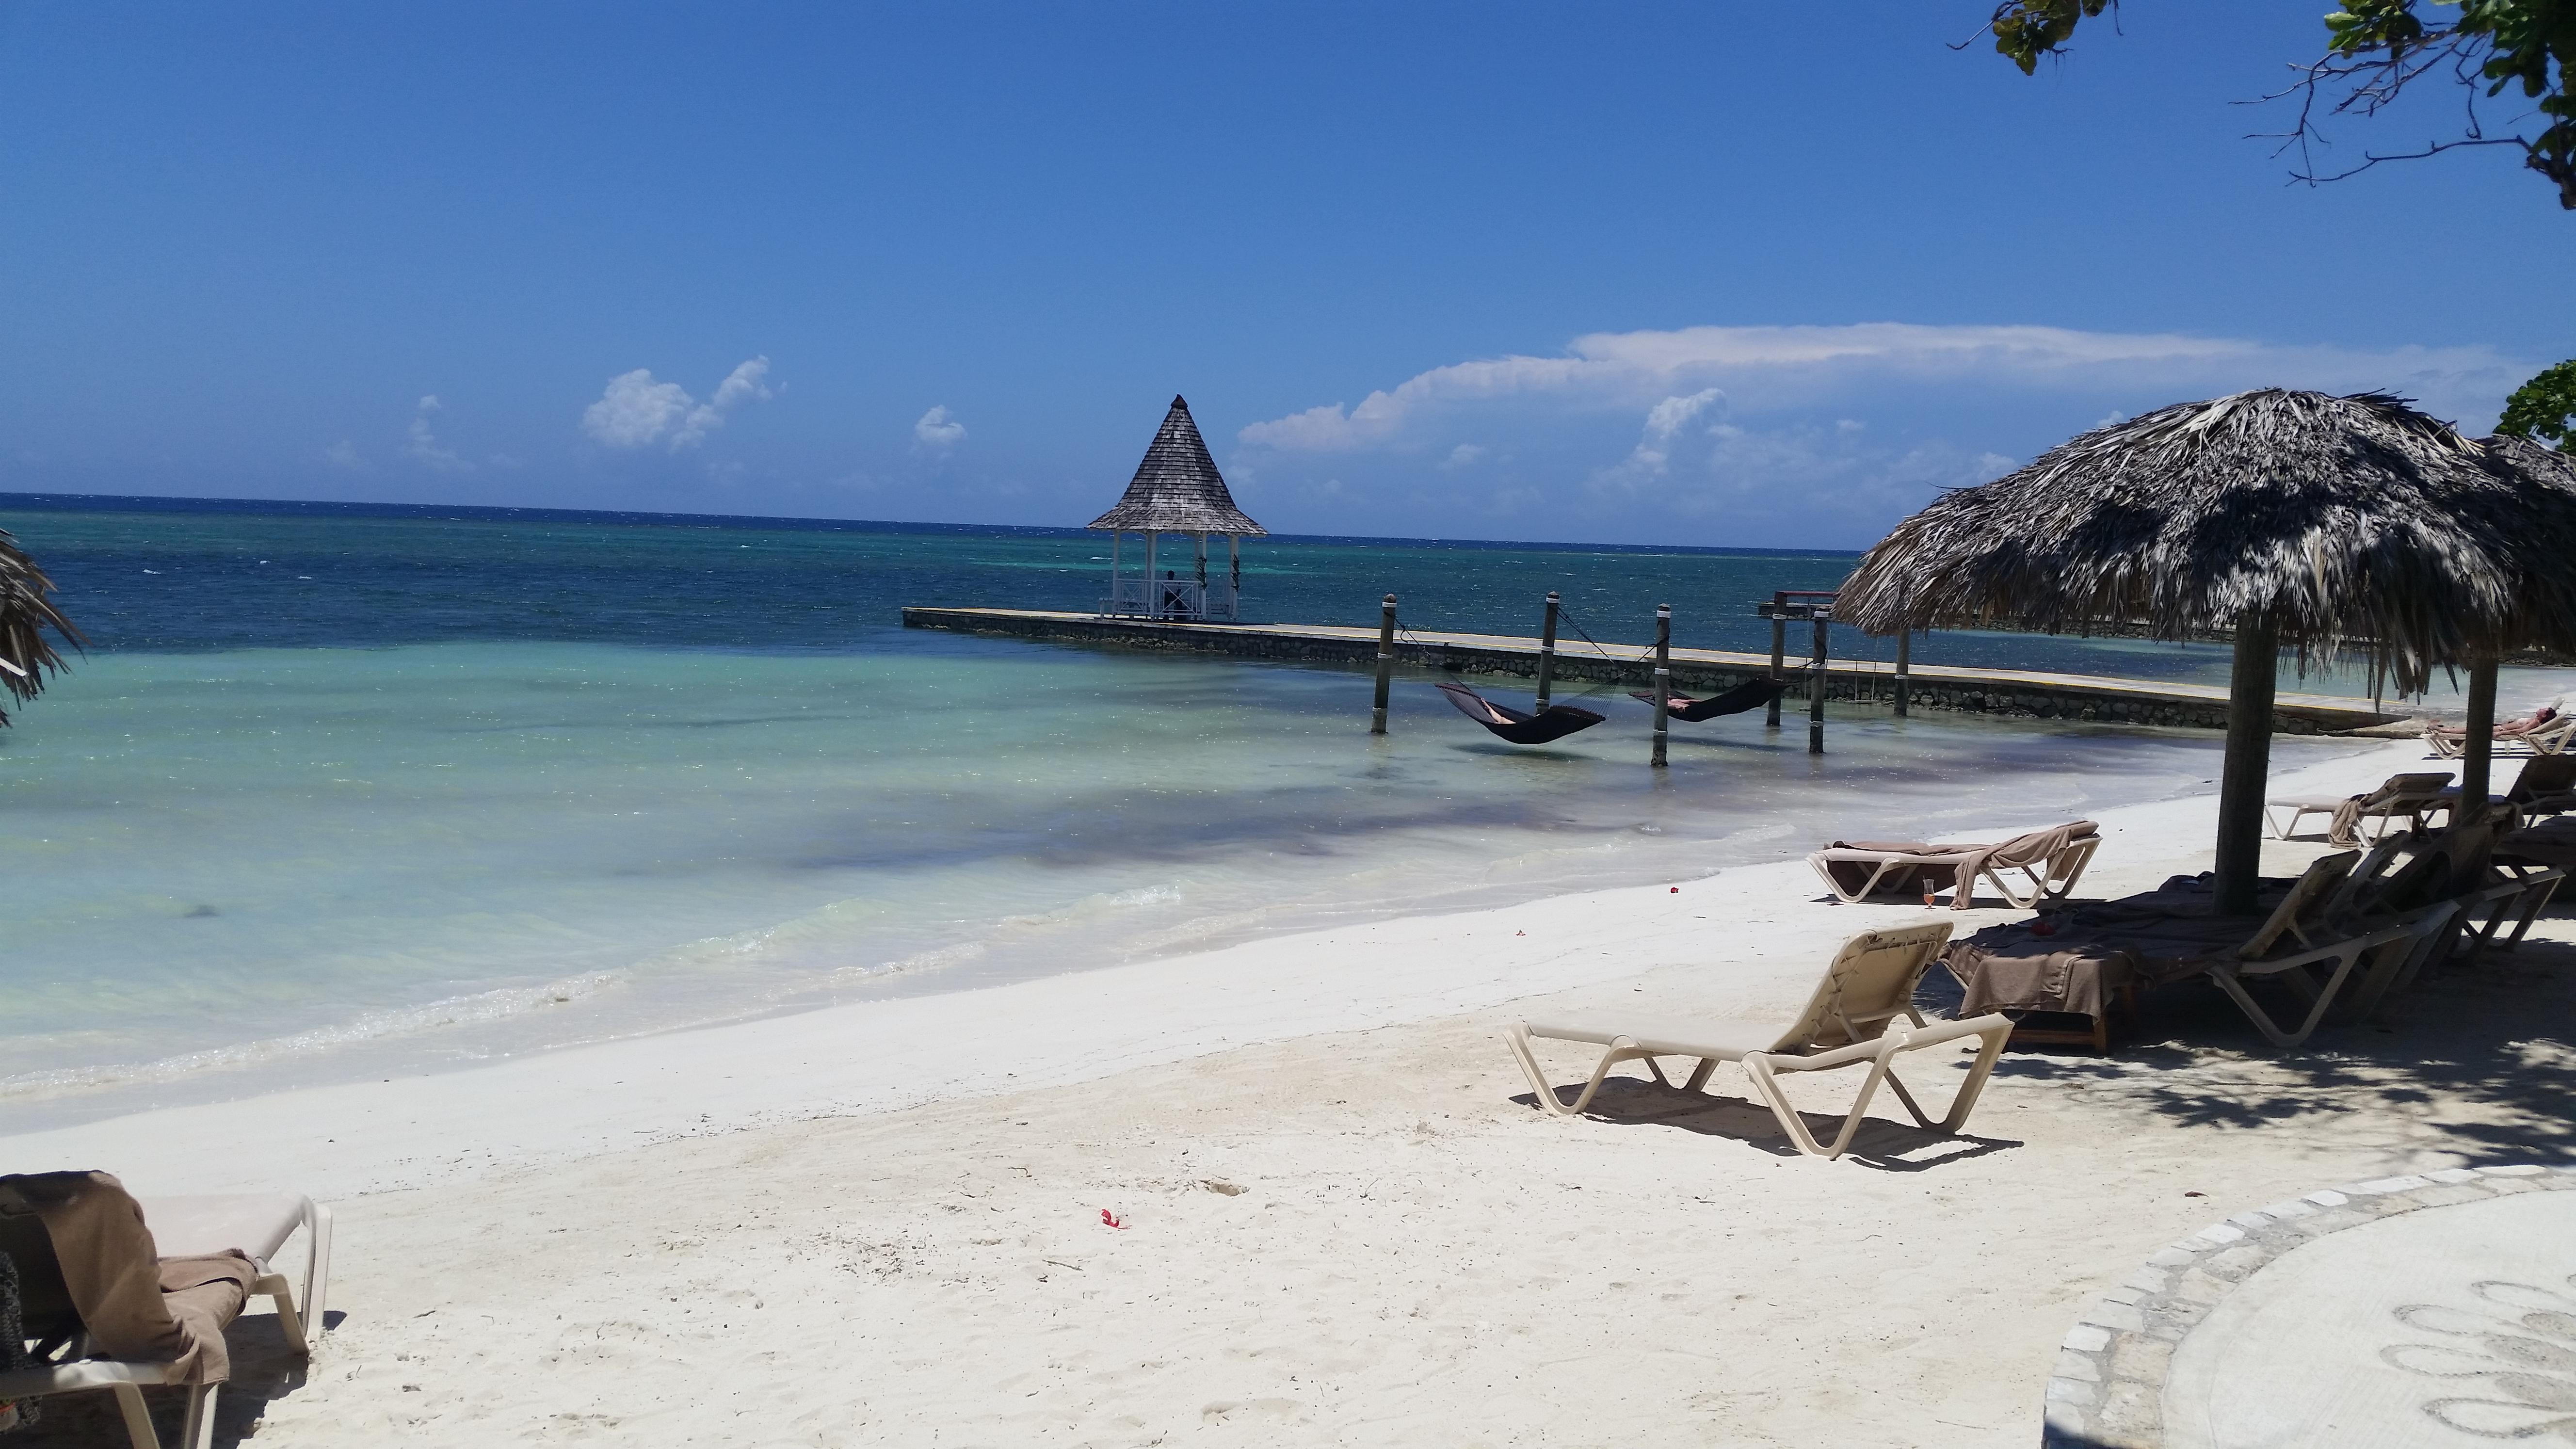 sandals in Jamaica